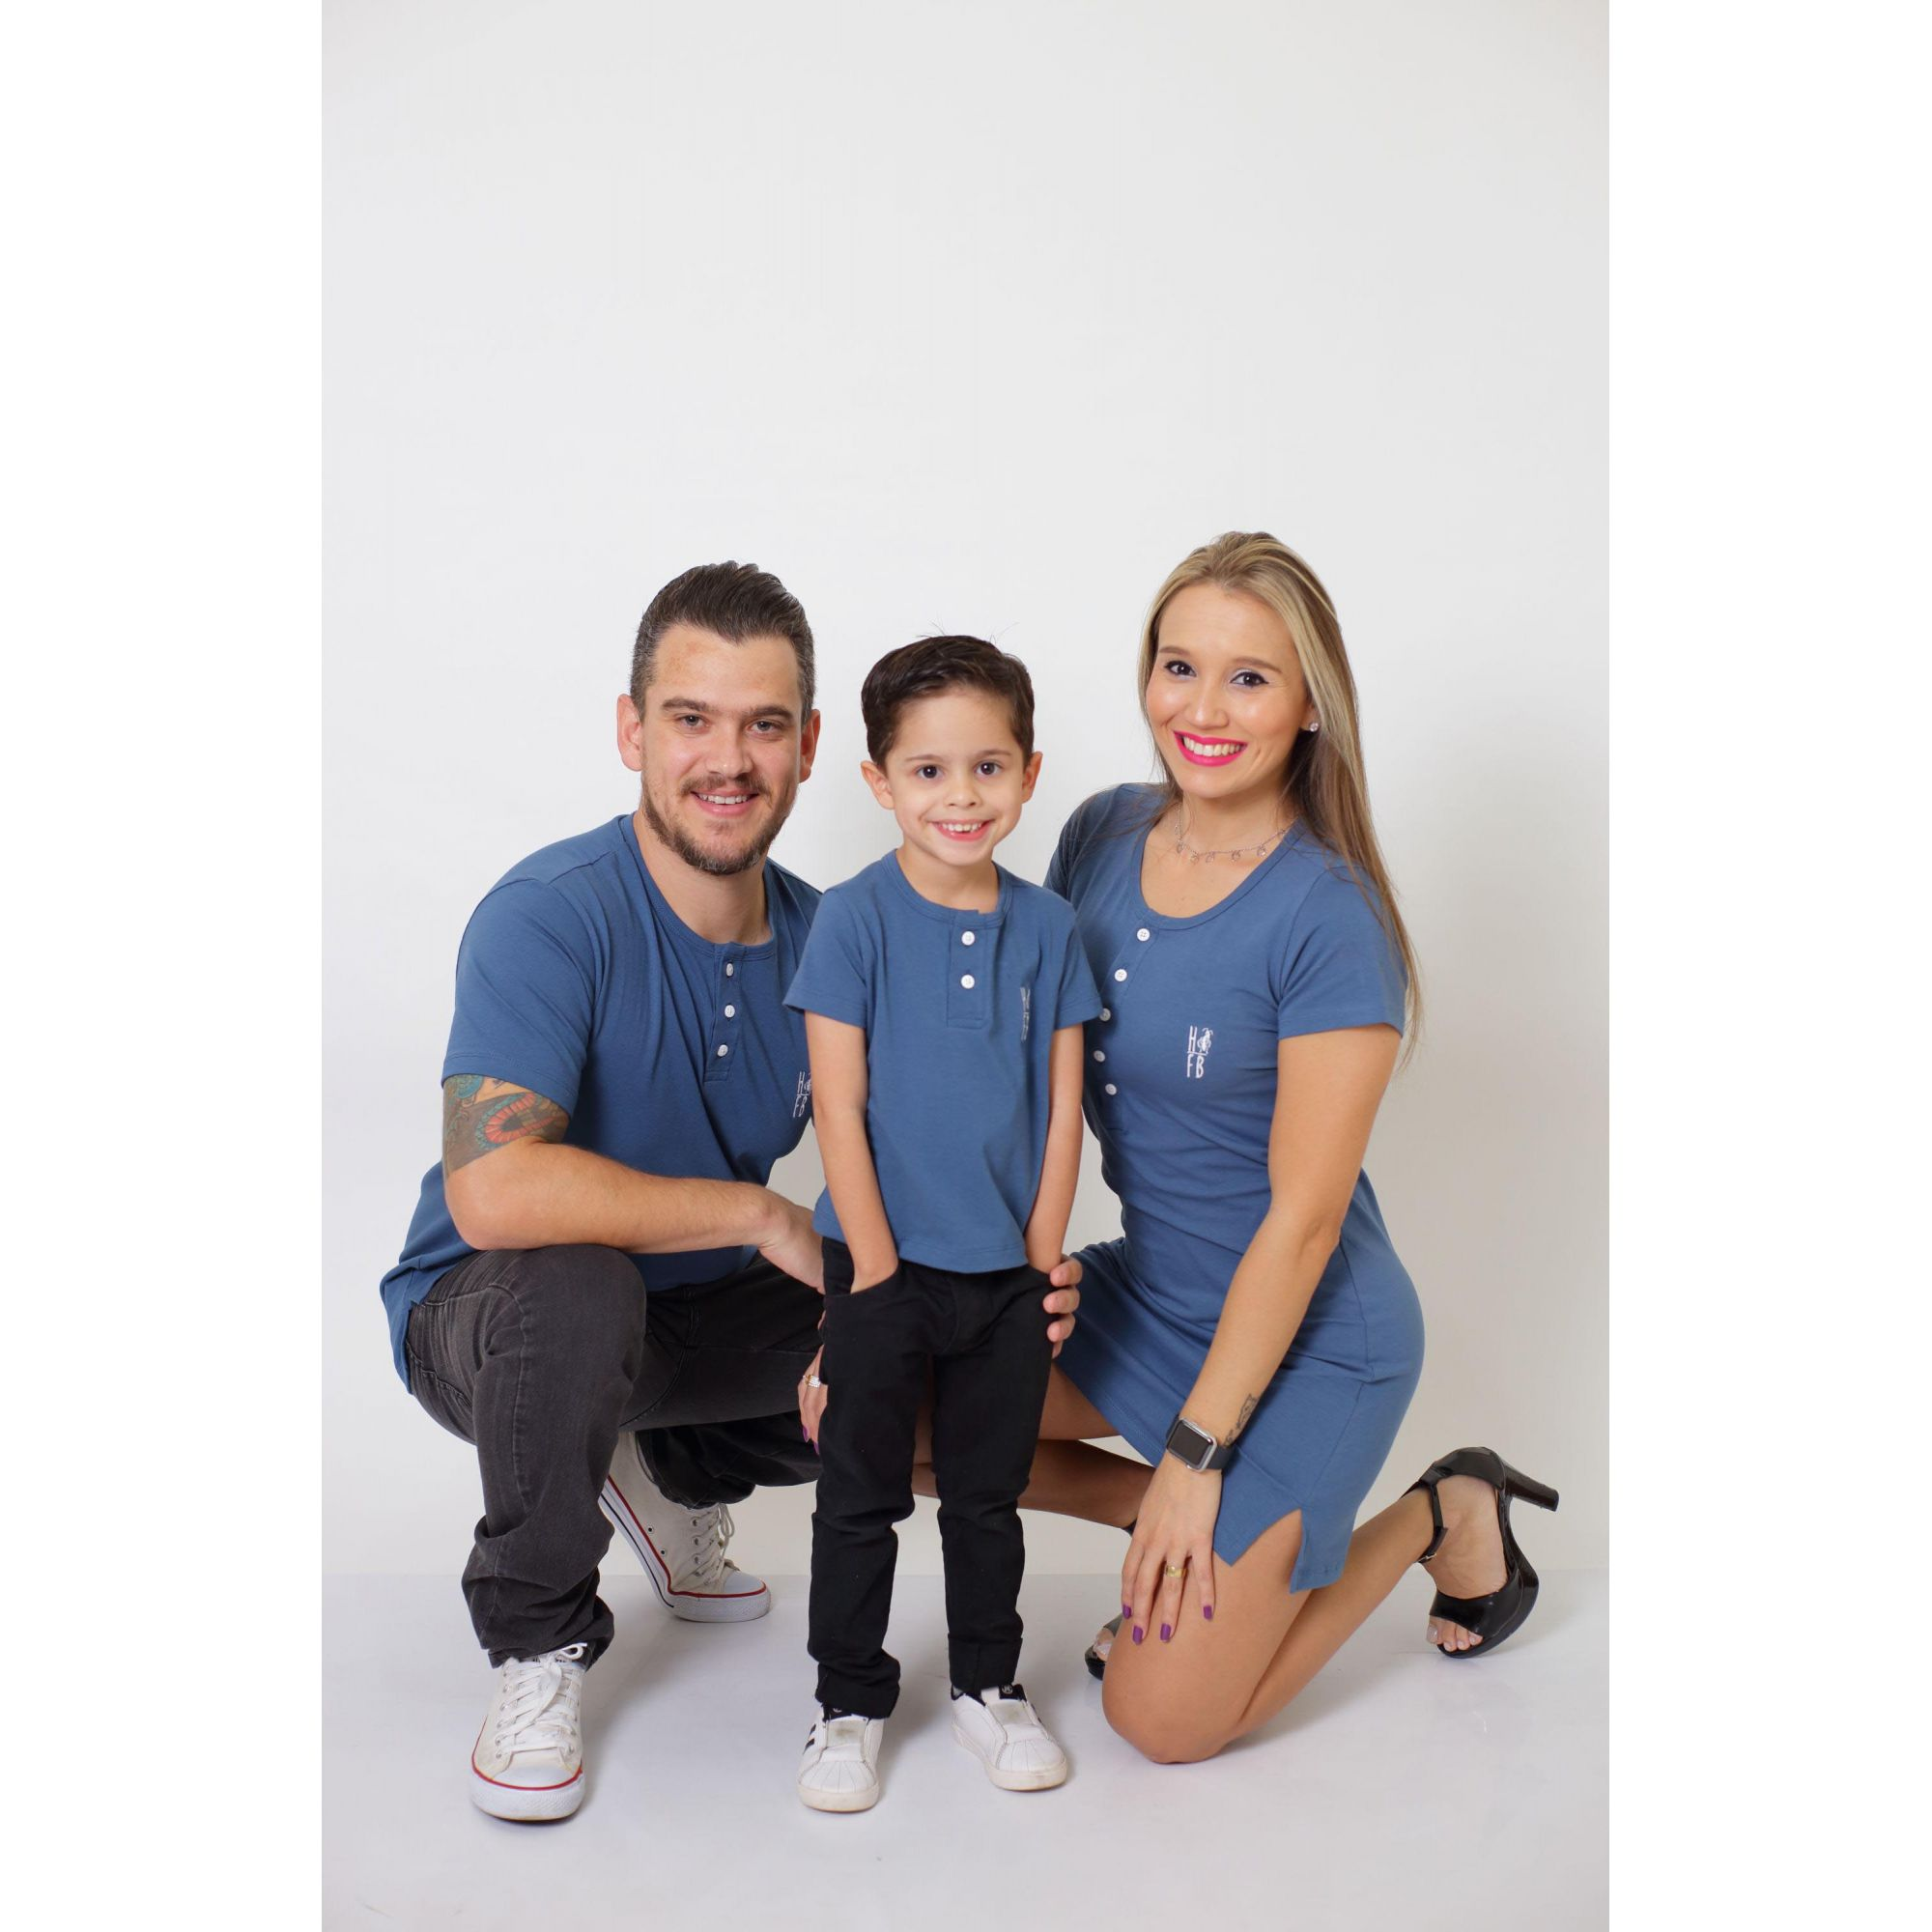 PAIS E FILHOS > Kit 3 Peças T-Shirt + Vestido + t-Shirt ou Body Infantil Henley - Azul Petróleo [Coleção Família]  - Heitor Fashion Brazil